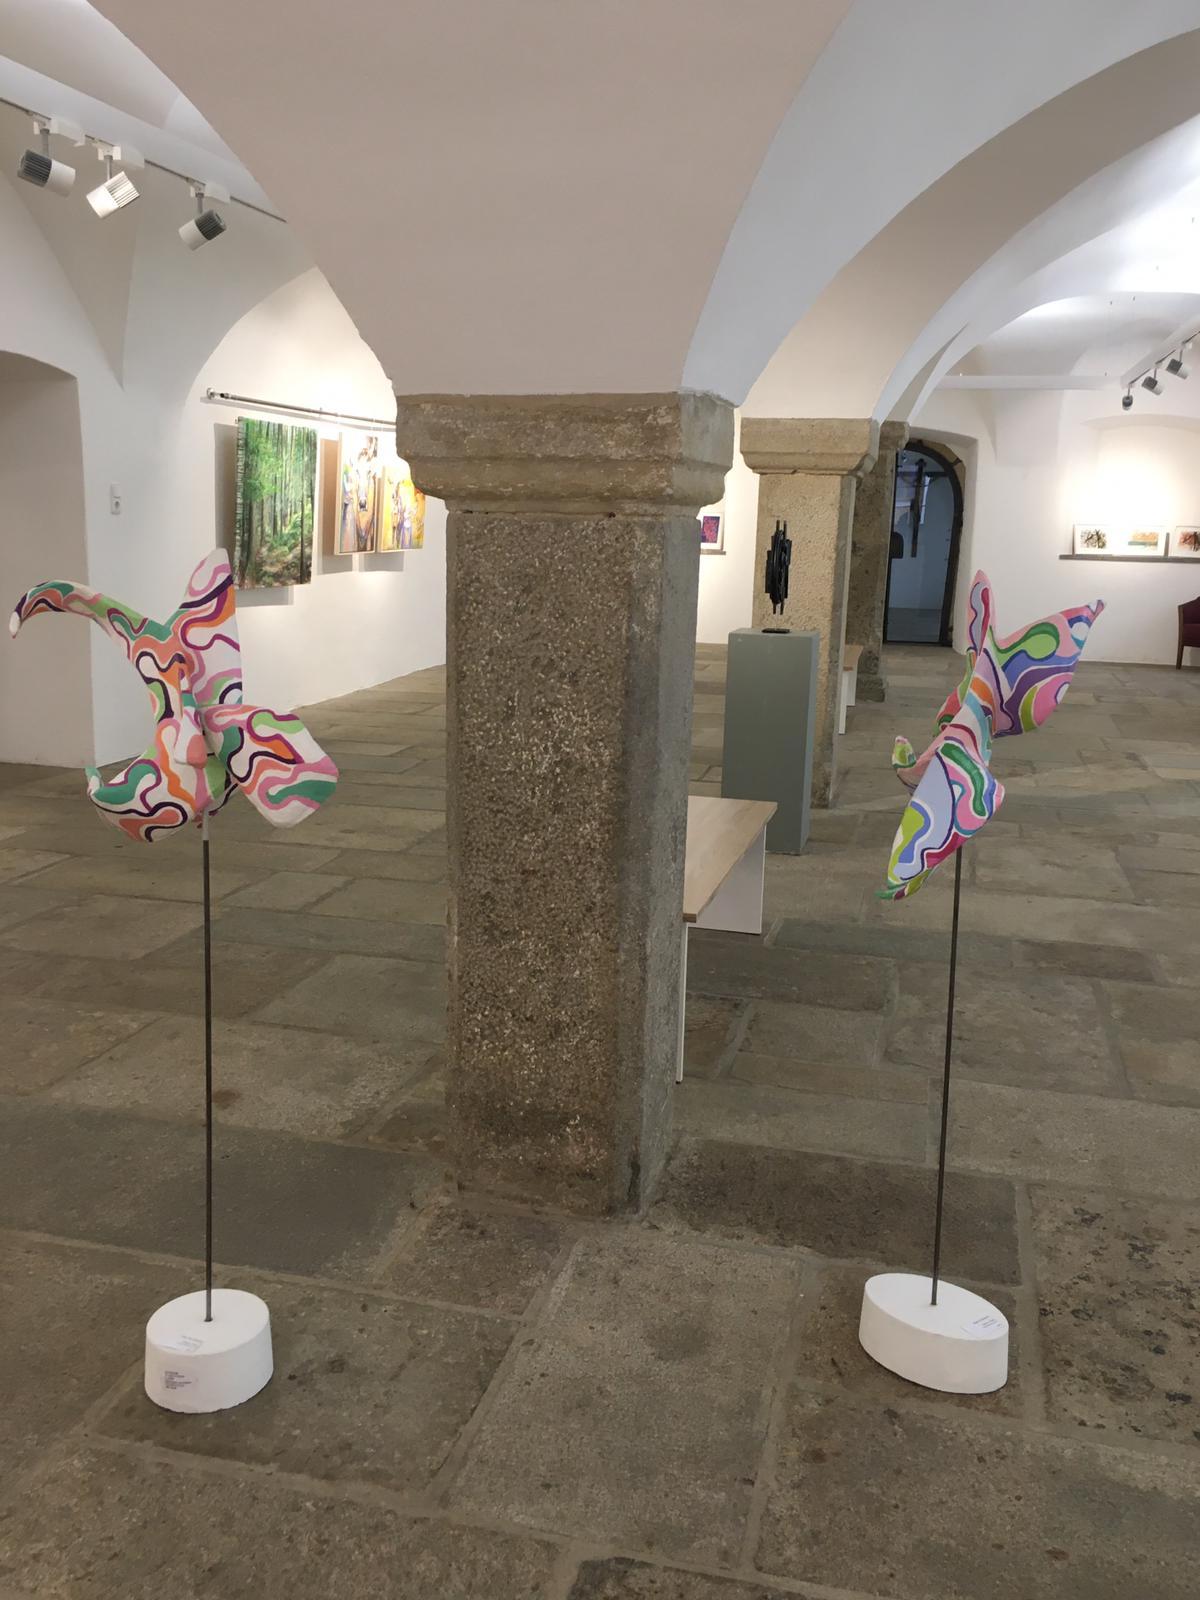 Skulpturen Evolution 1+2, 2019, Papiermaché, Acrylfarbe, Gemeinschaftsausstellung Agon 2020